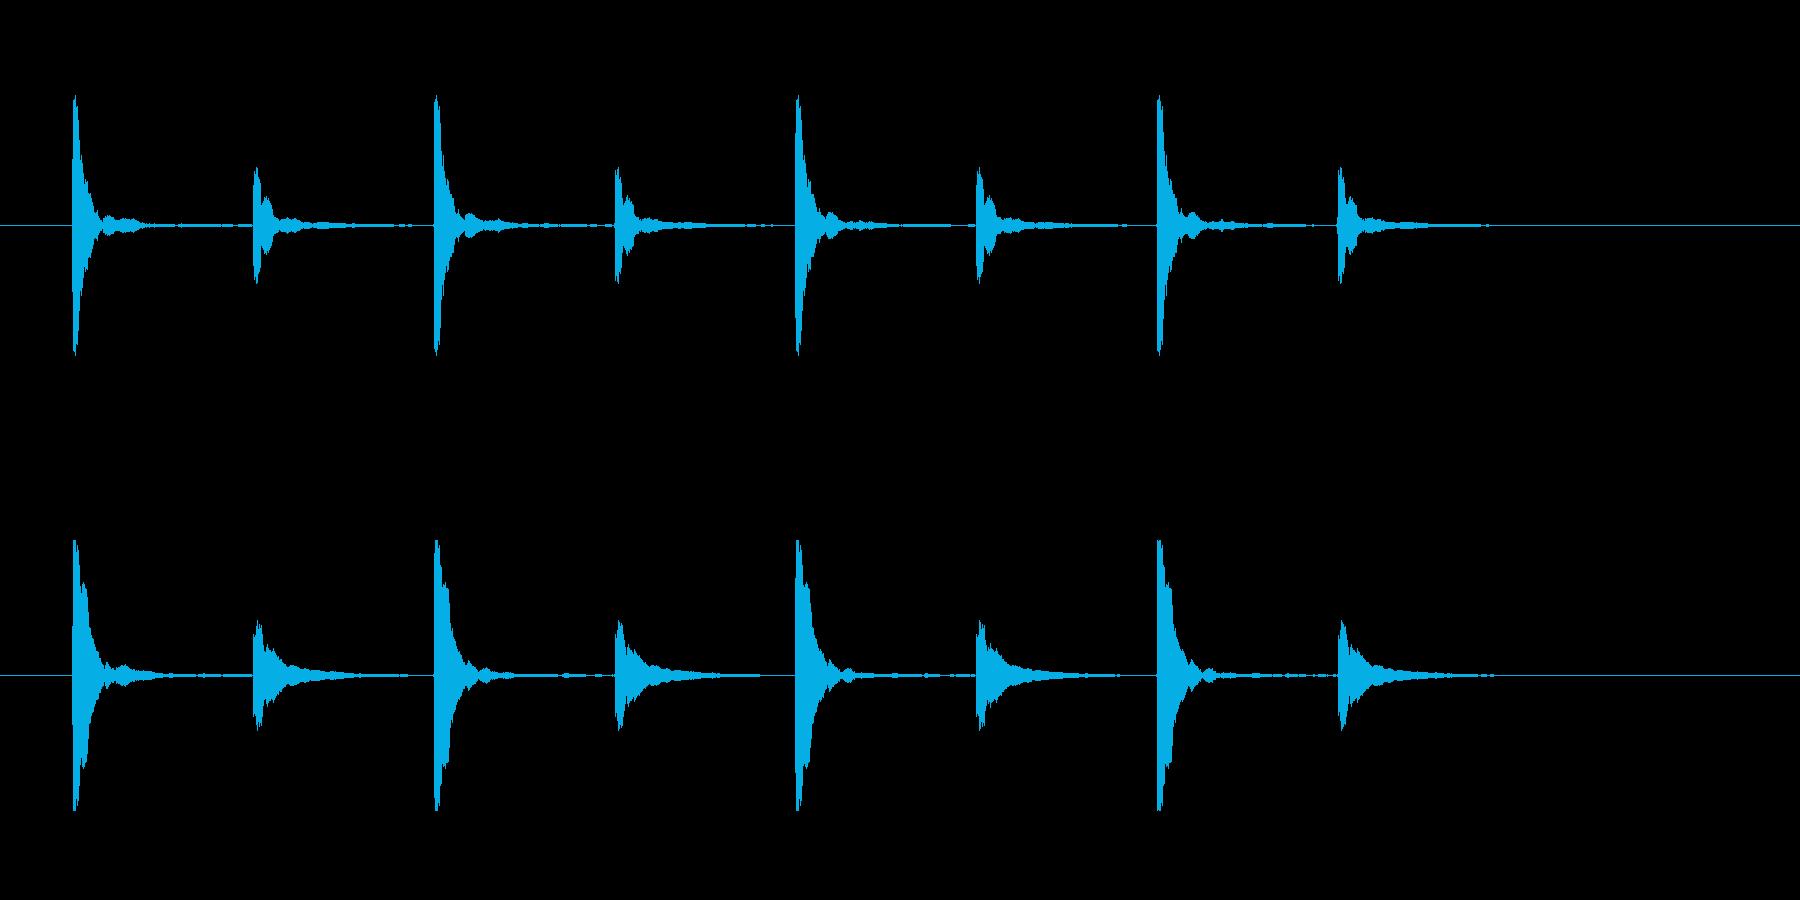 クイズ思考タイム用チックッタックッ×4回の再生済みの波形